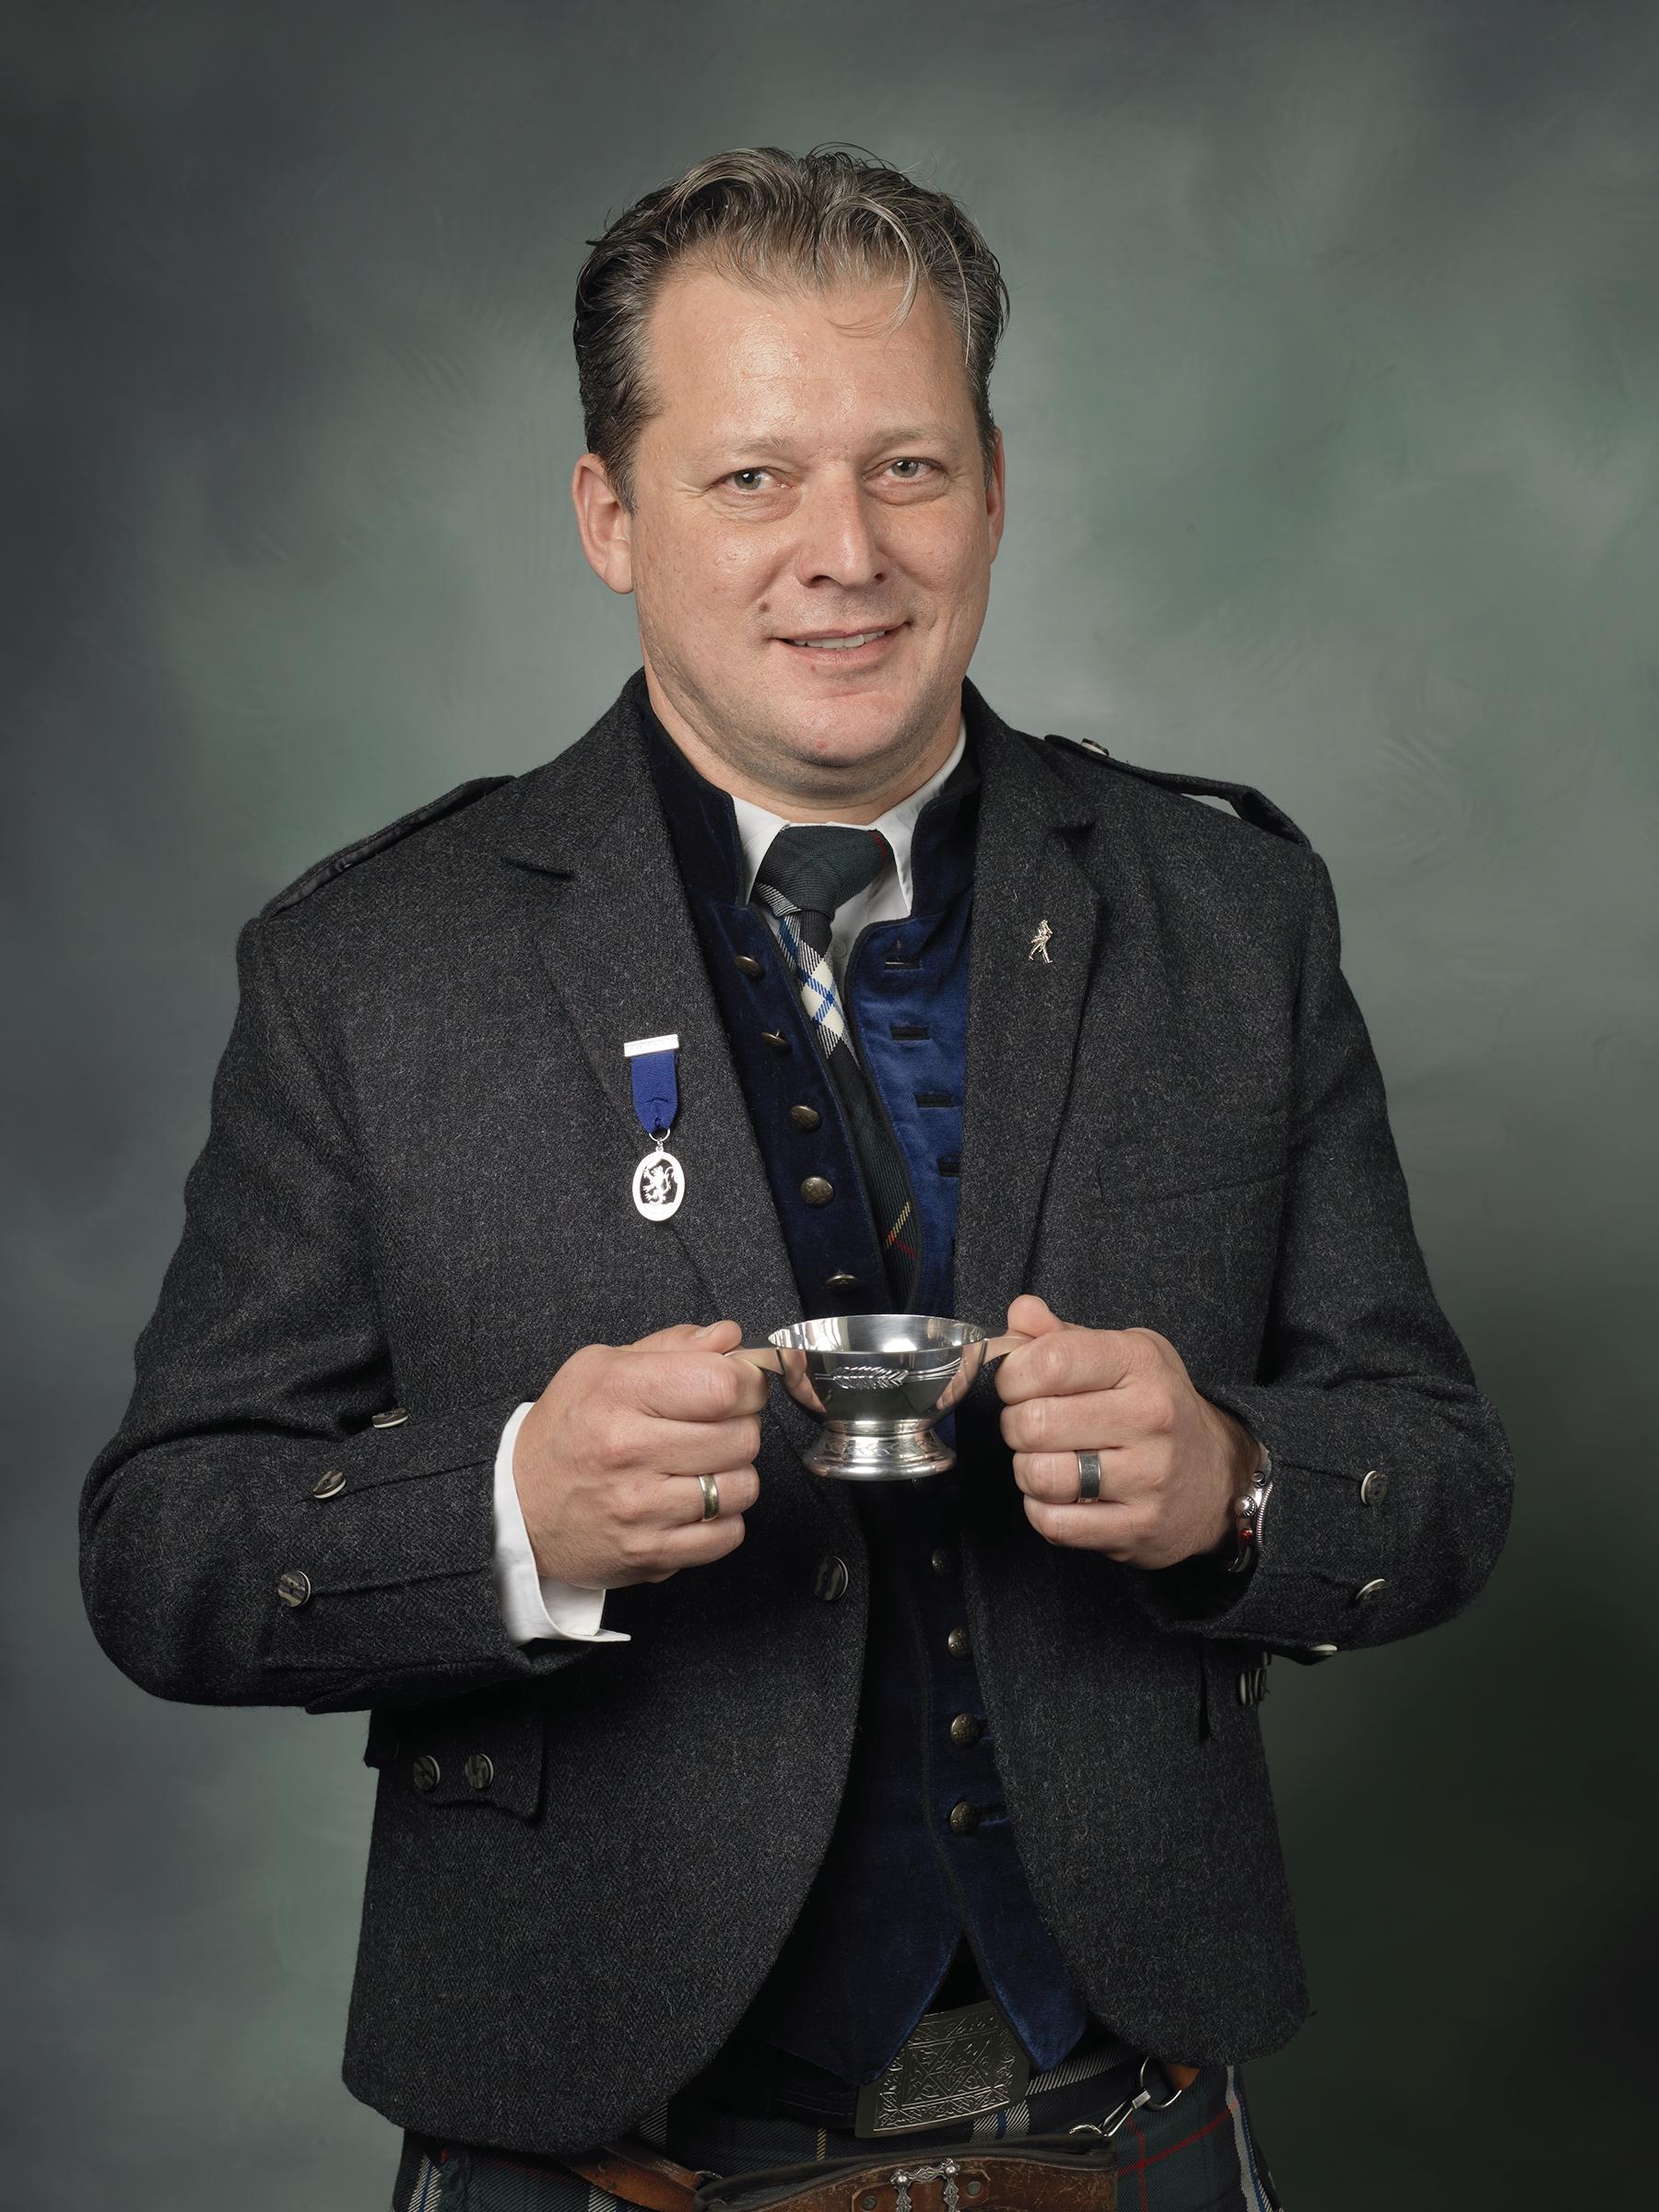 Christian Schwarzmann